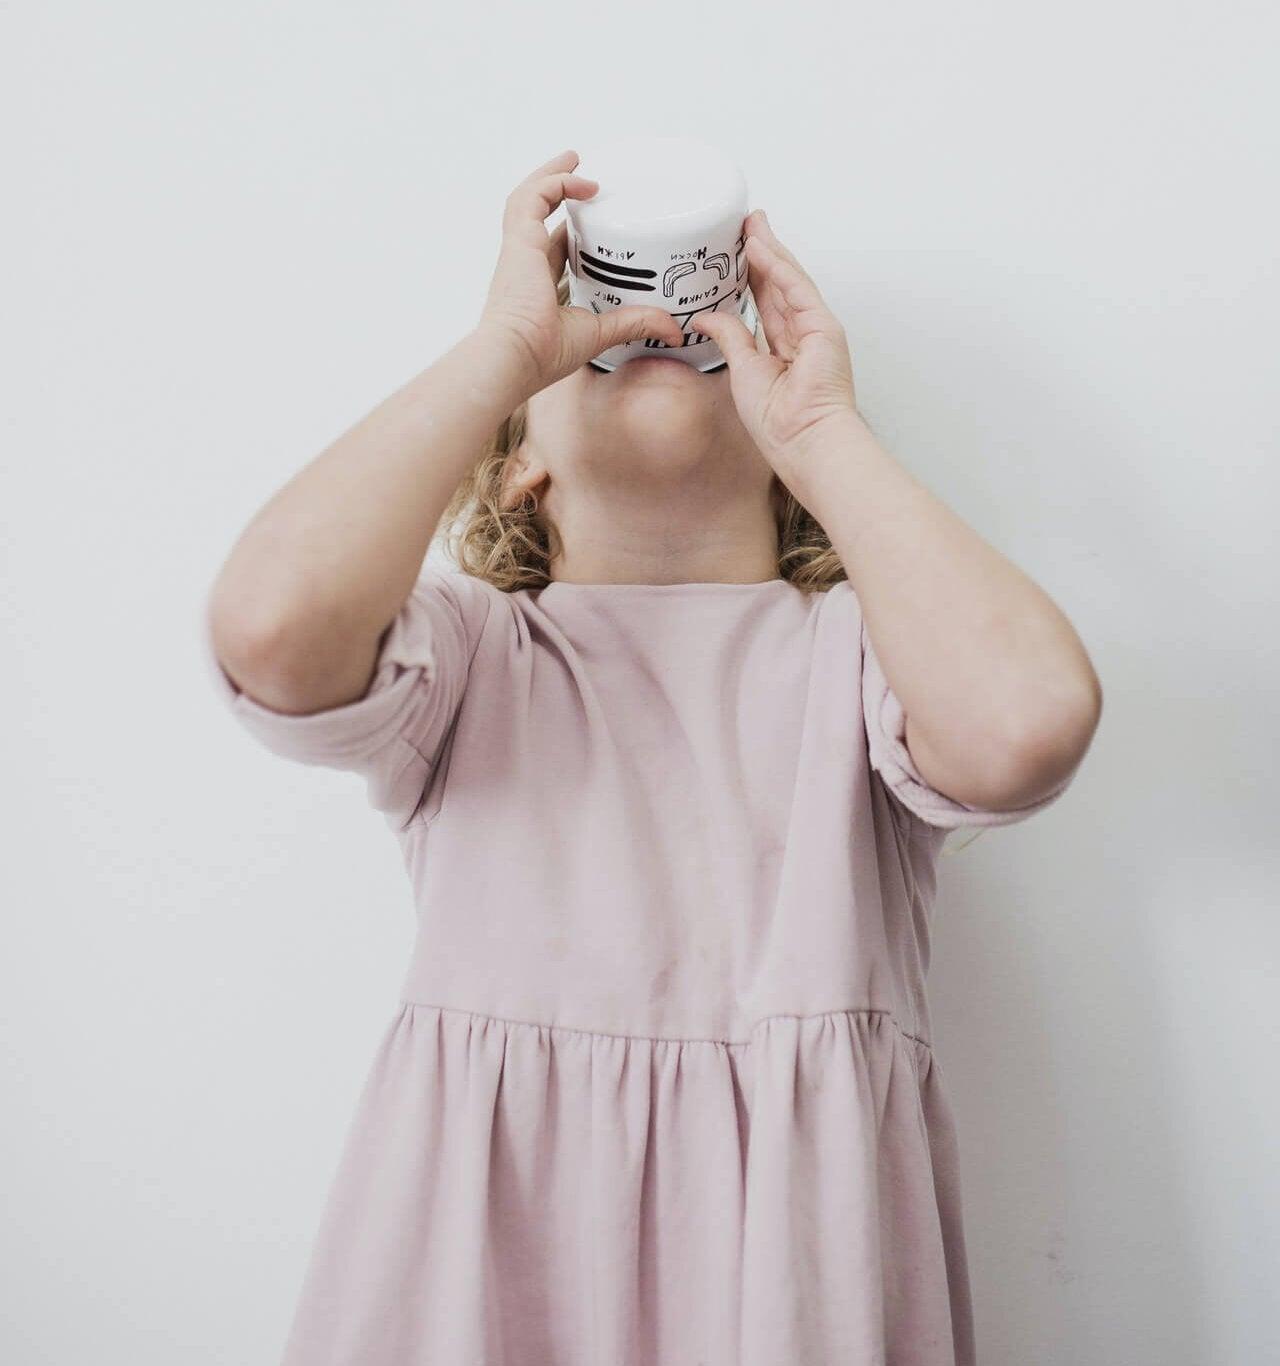 Une jeune fille qui boit un yaourt liquide.